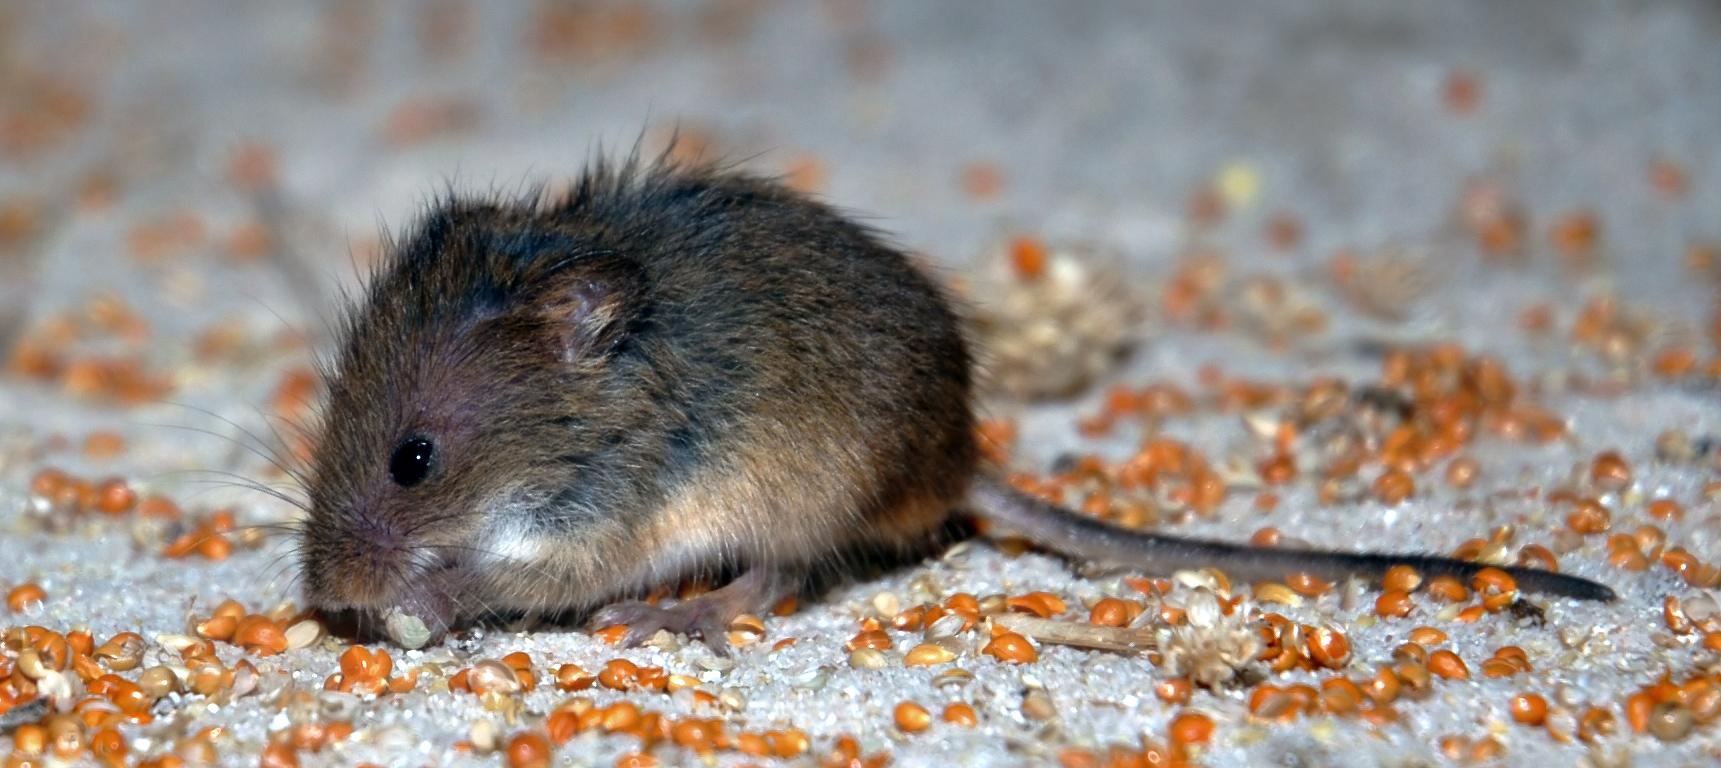 Une souris naine en train de déjeuner